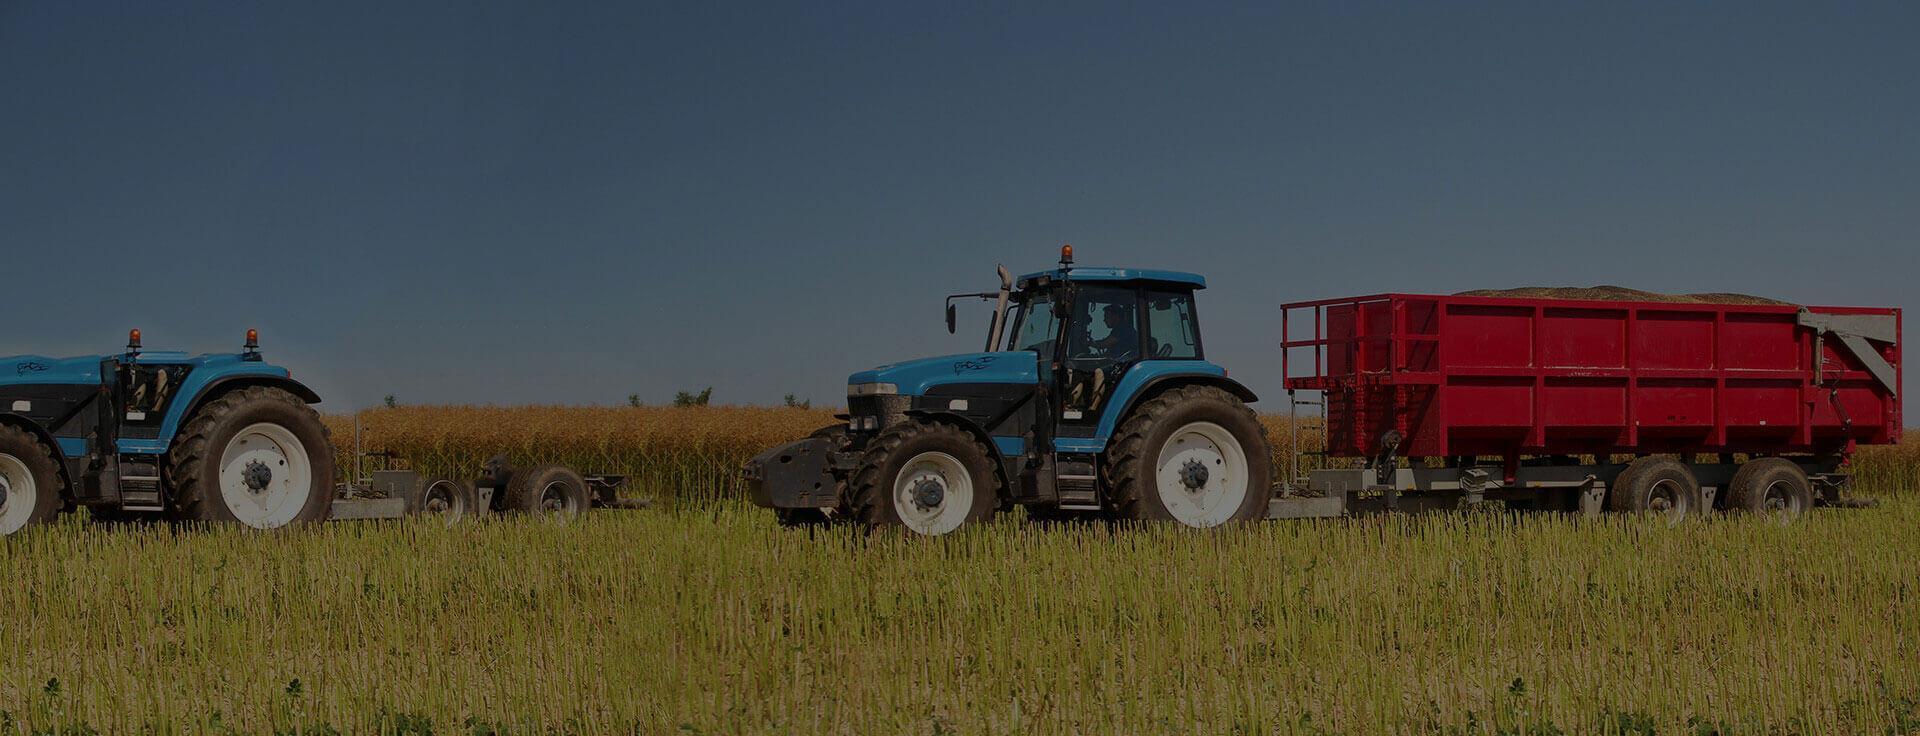 slider-agriculture-forestry-opsi